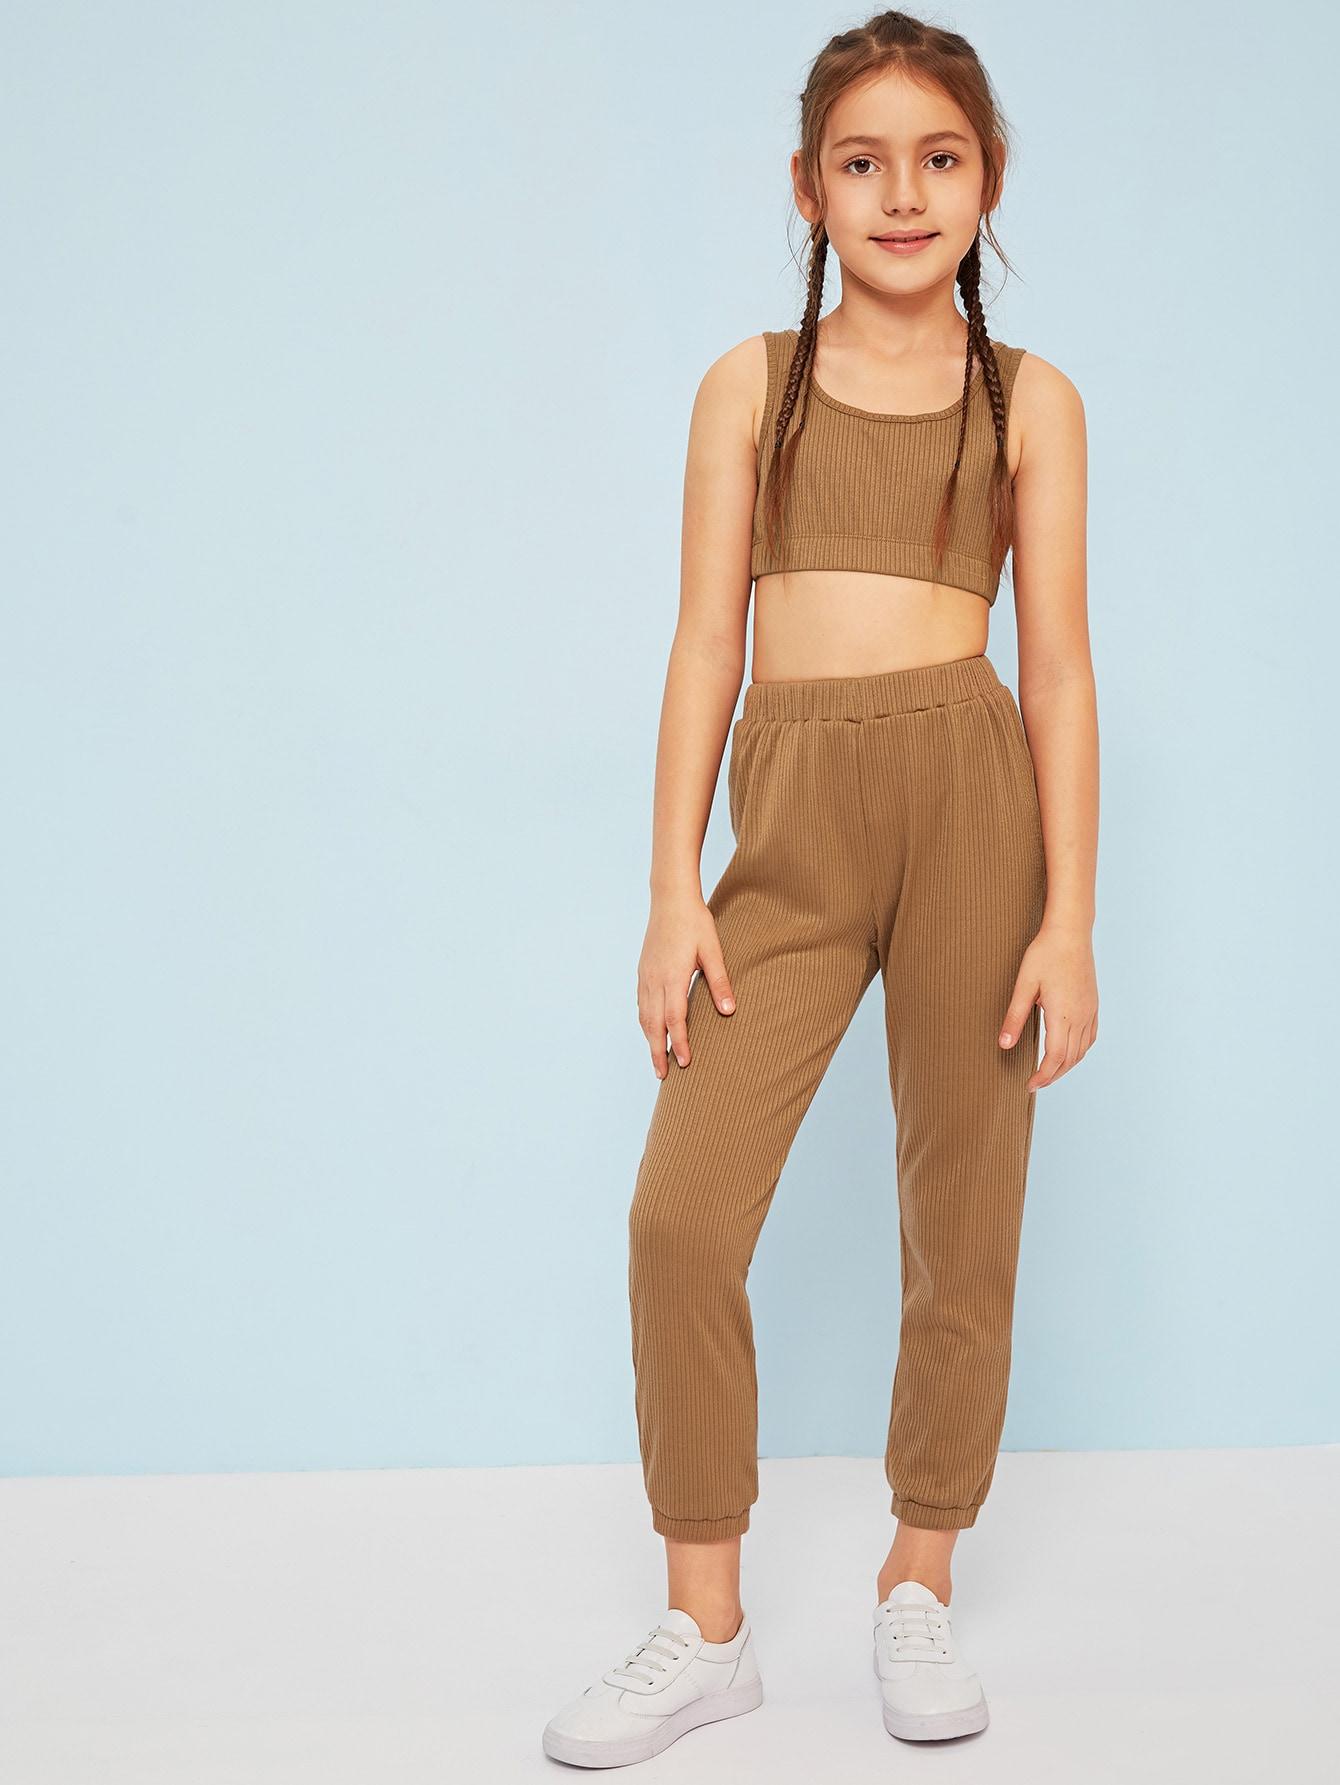 Вязаный ребристый кроп топ и спортивные брюки для девочек от SheIn